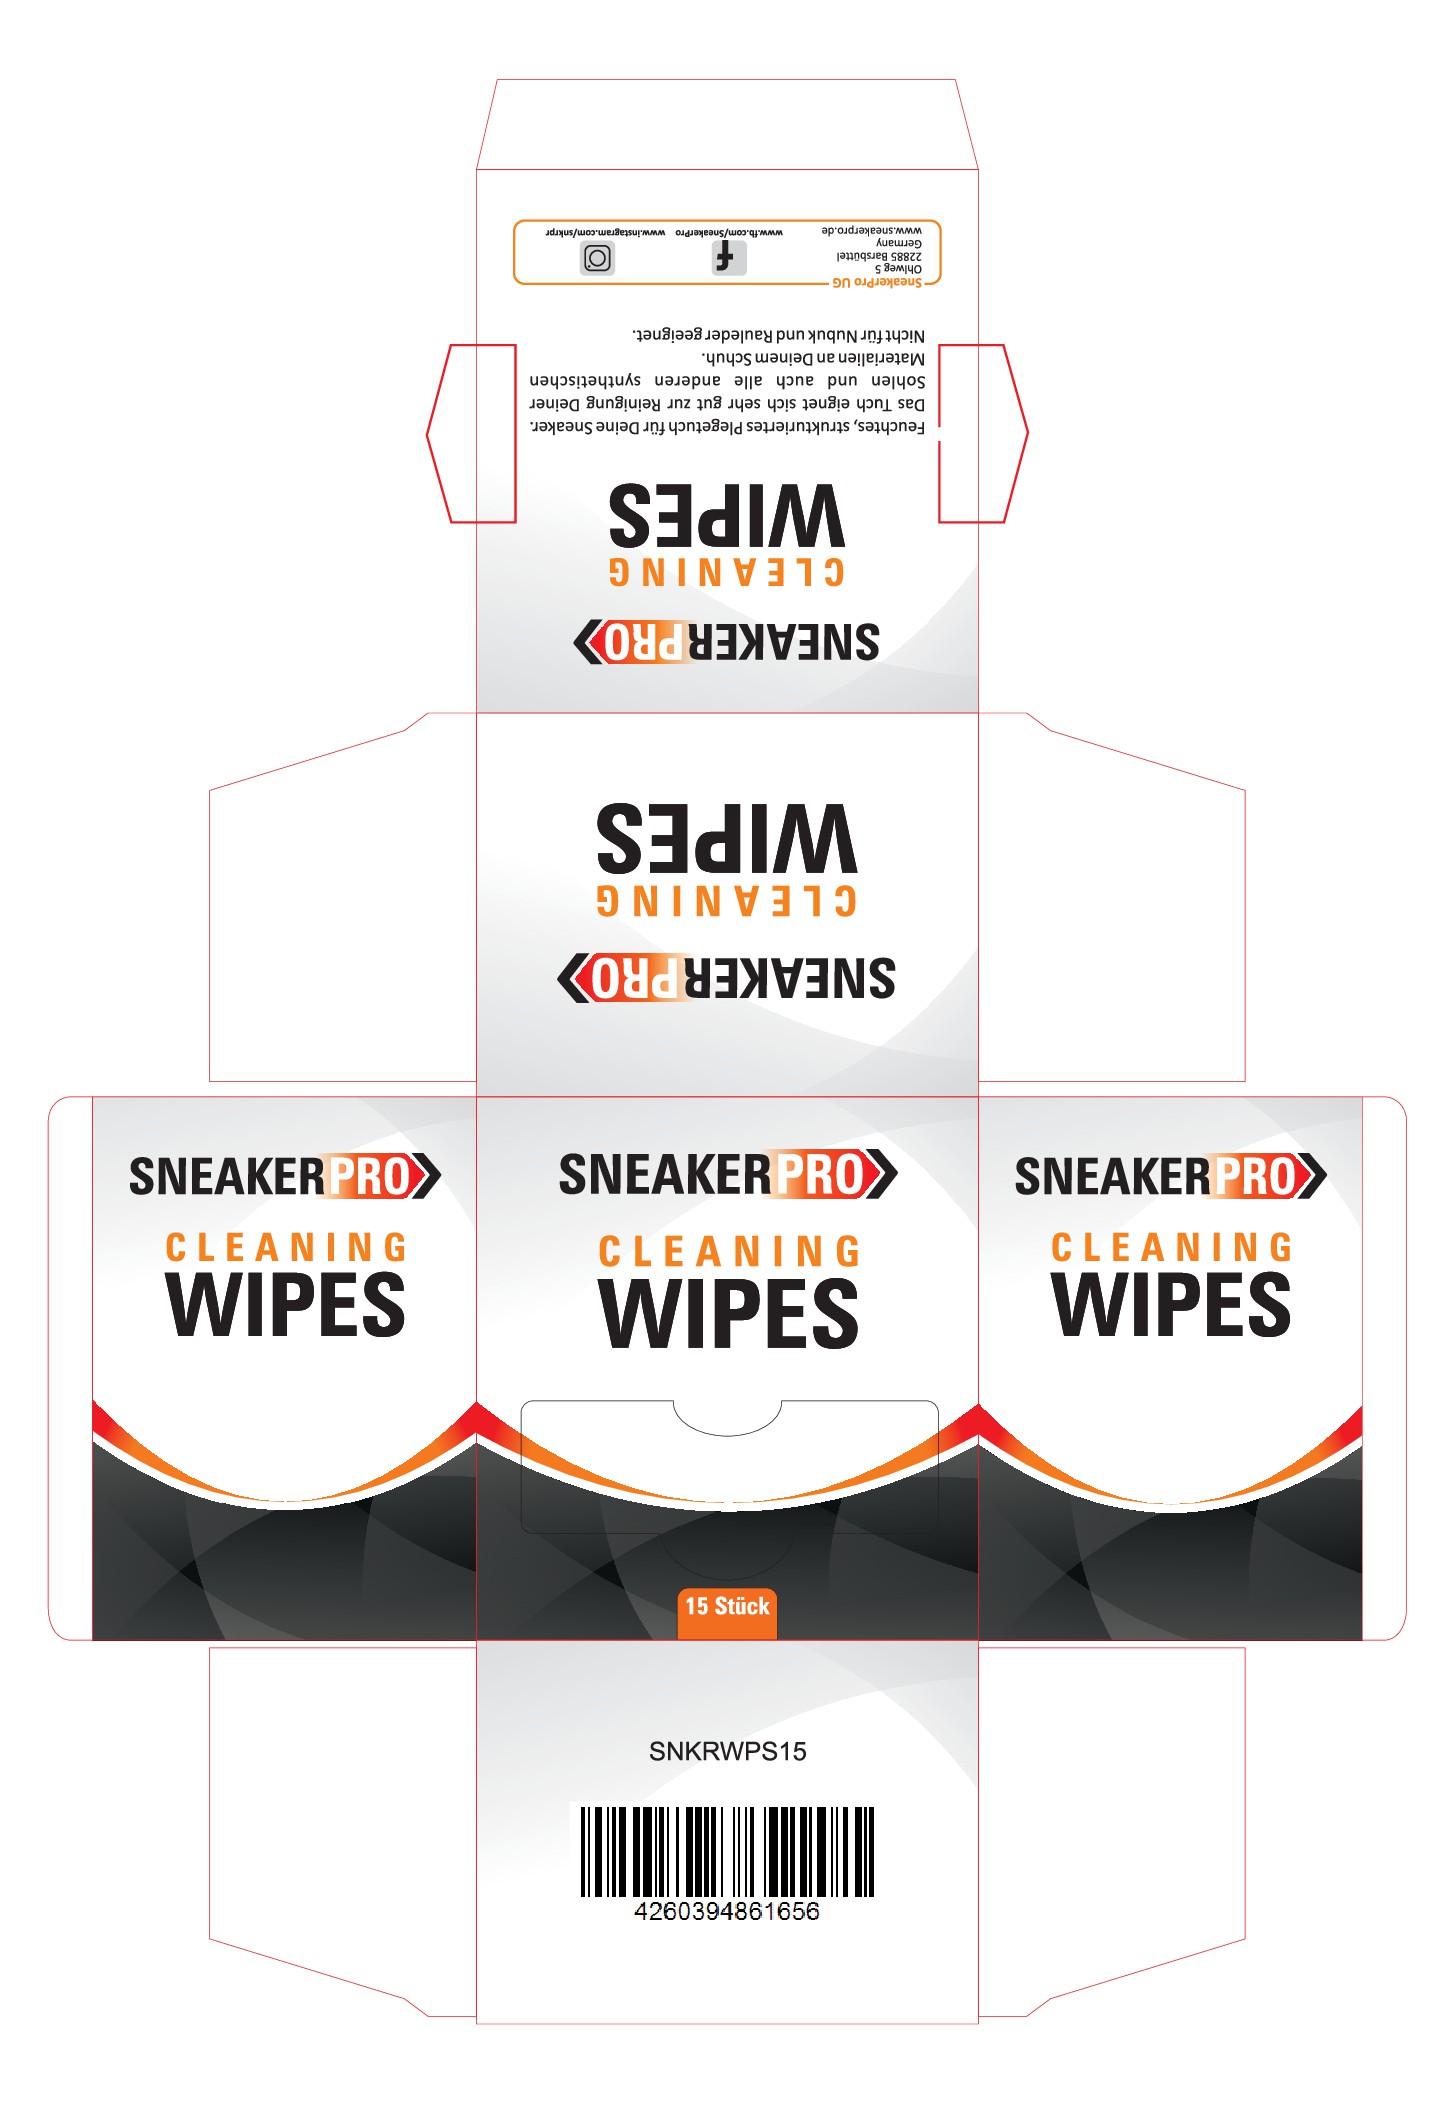 Erstelle ein Verpackungsdesign für Sneaker Cleaning Wipes von SneakerPro